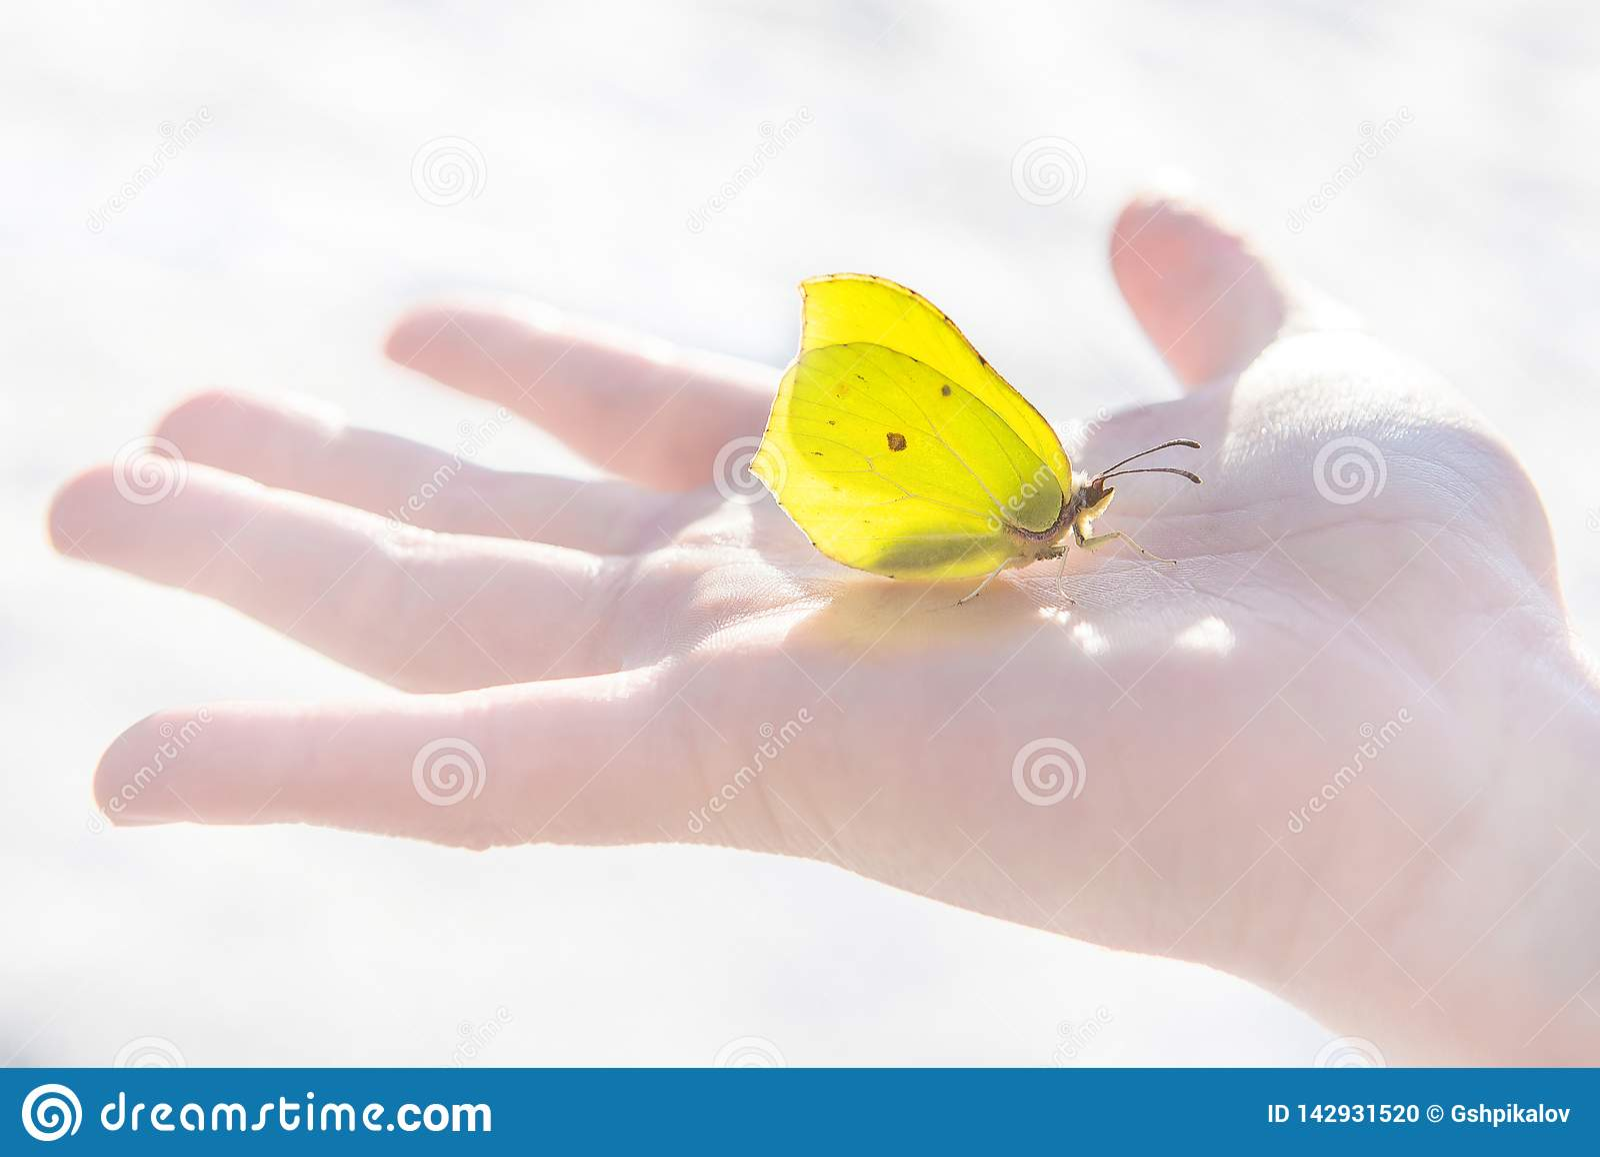 Gelber Schmetterling des ersten Frühlinges sitzt ruhig mitten in der Palme eines offenes Kindes